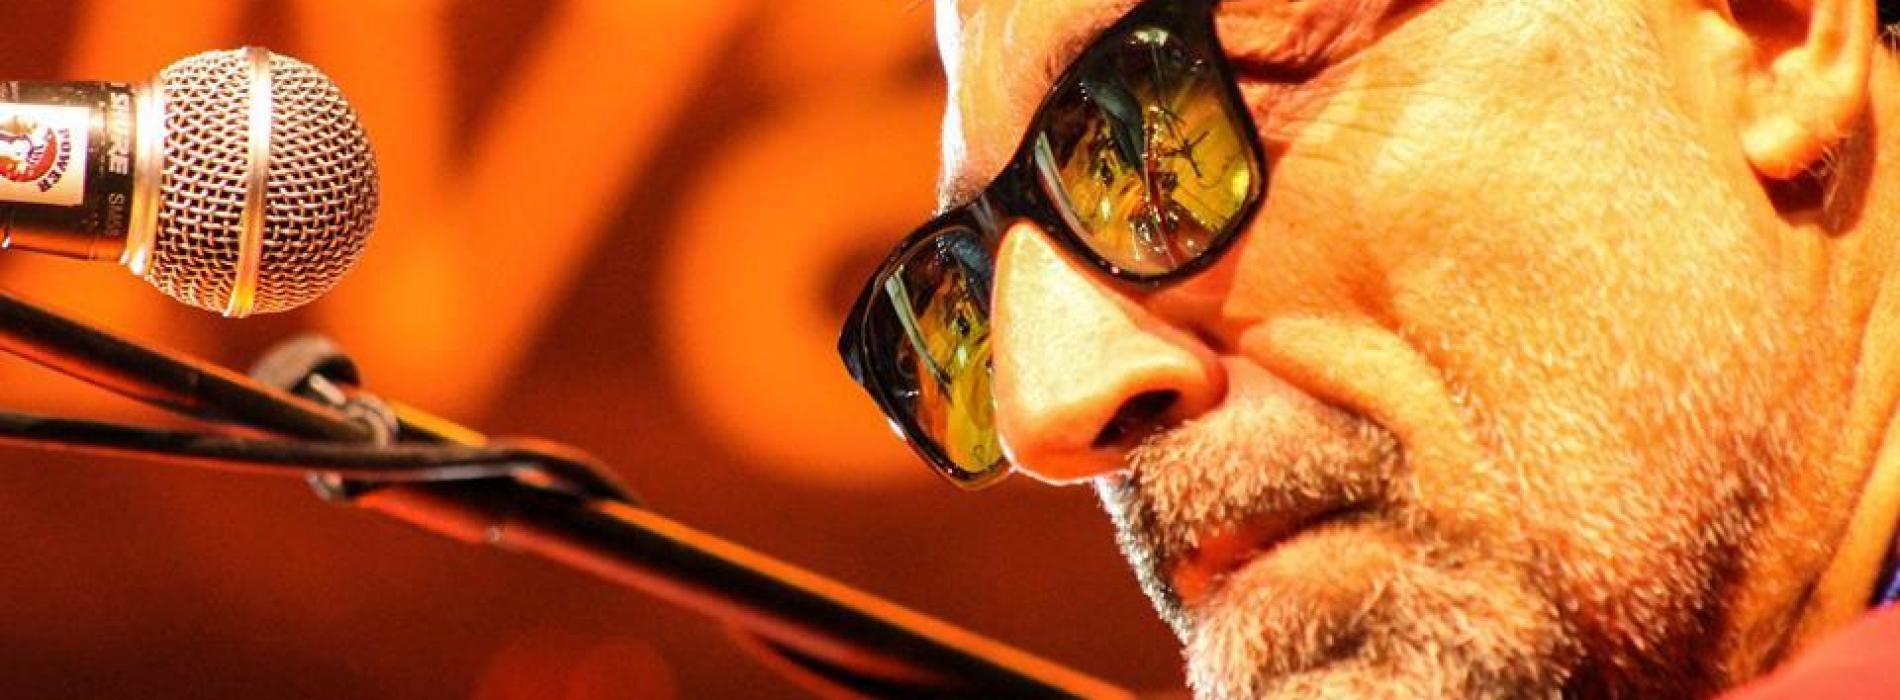 Tempo di blues al MantoLive, arriva il concerto di Max Pieri